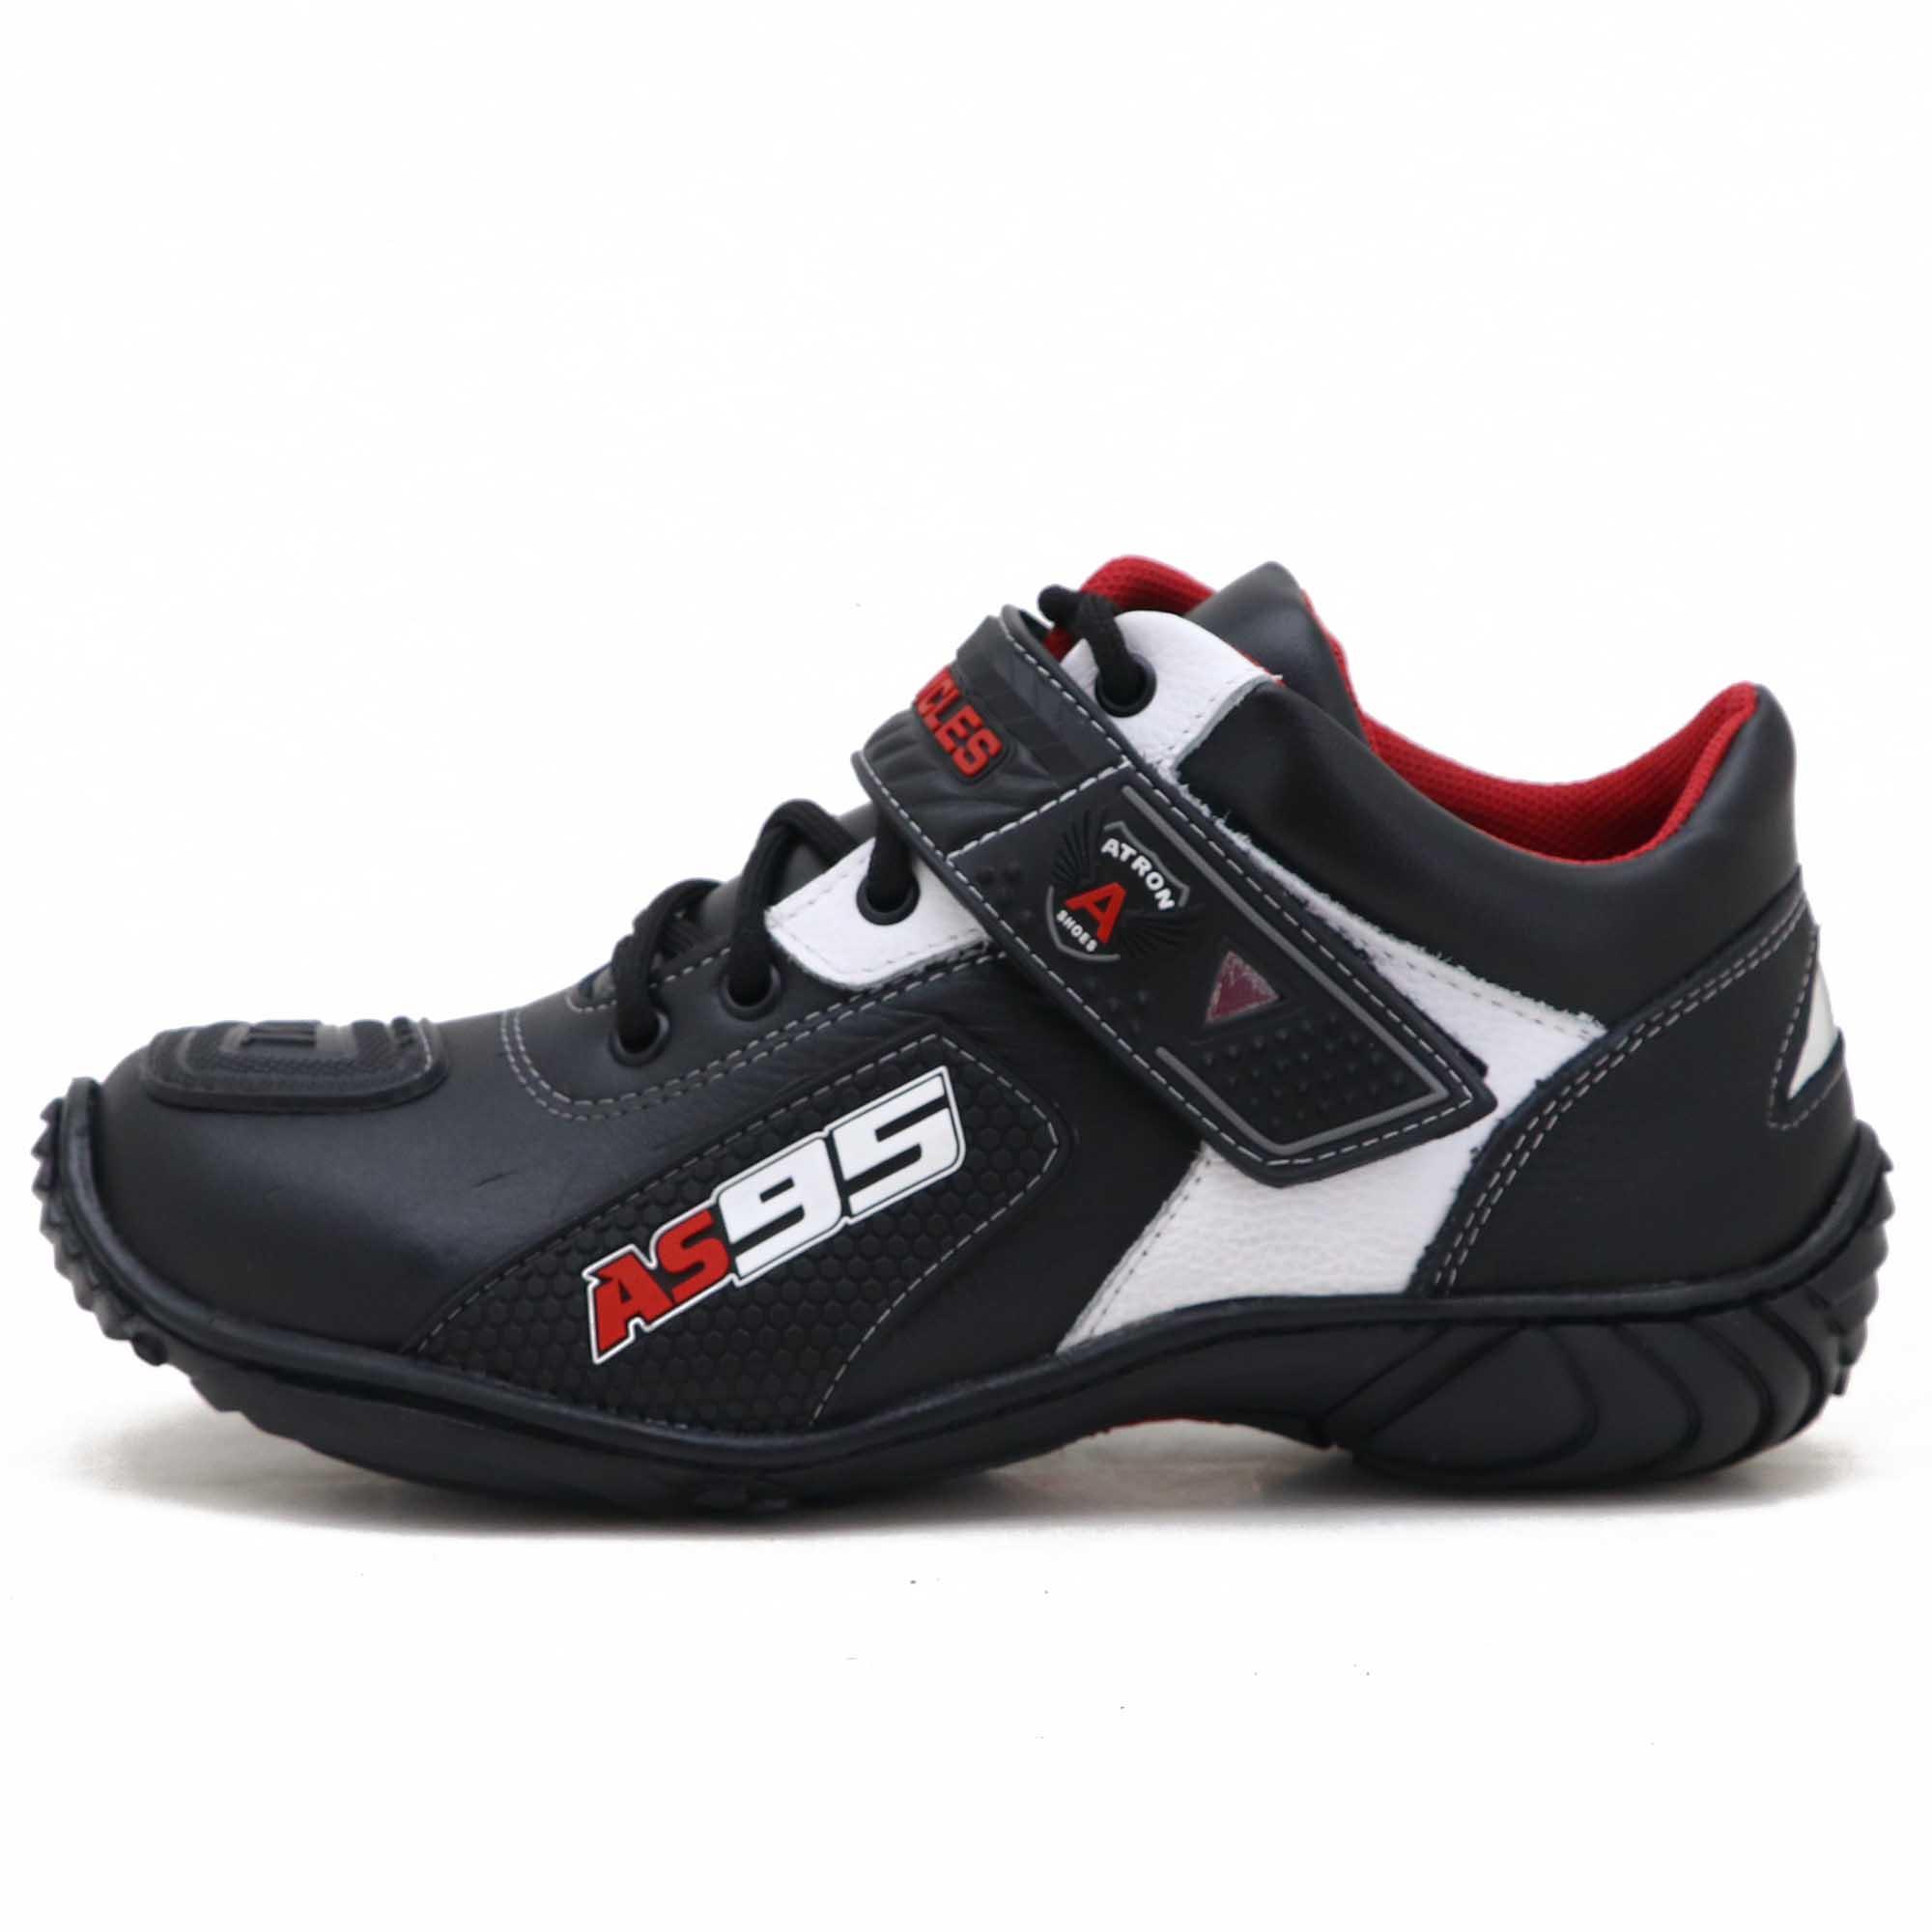 Tênis motociclista AS95 de couro legítimo nas cores preto com branco 403